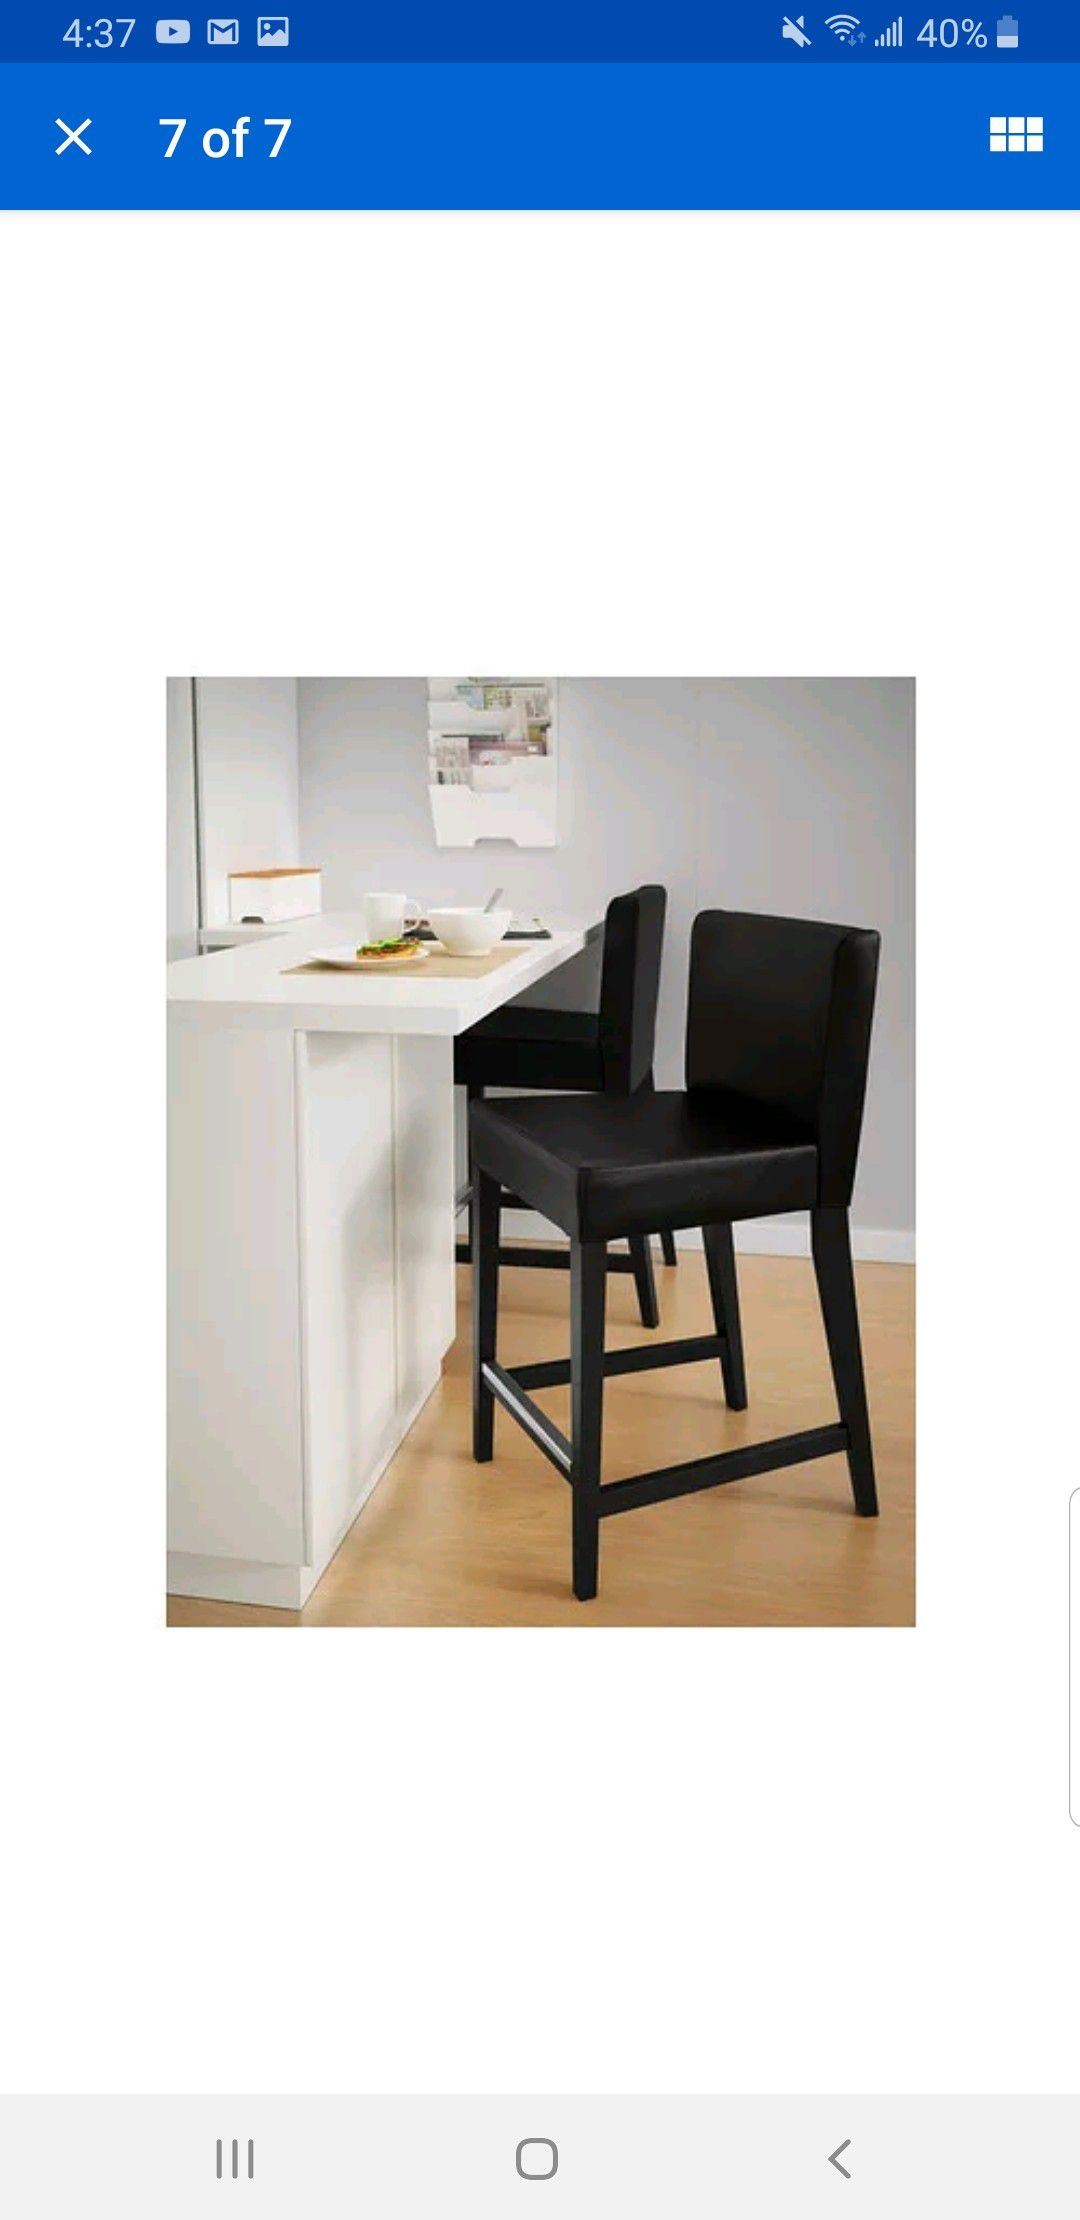 2 bar stool Ikea Henriksdal Bar Stool with backrest / Brown Black Frame / Black Leather